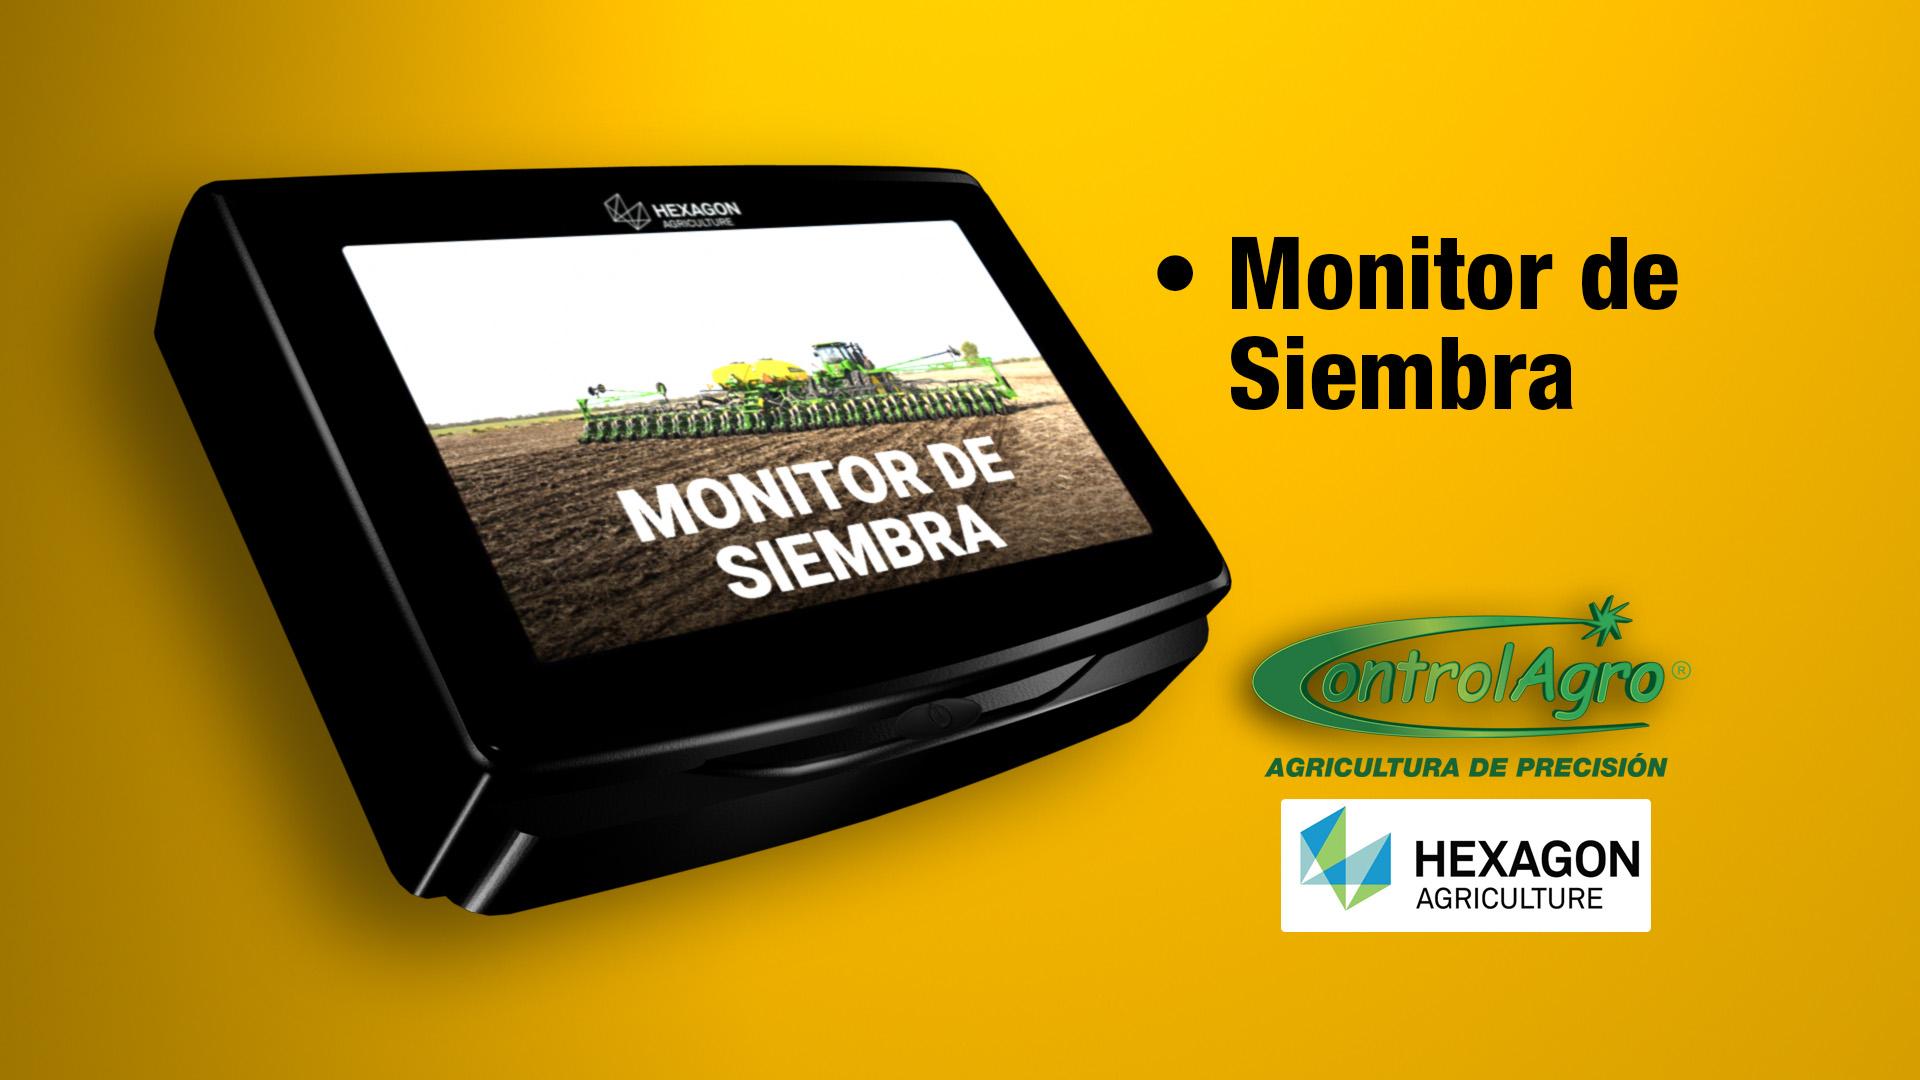 Monitor de Siembra